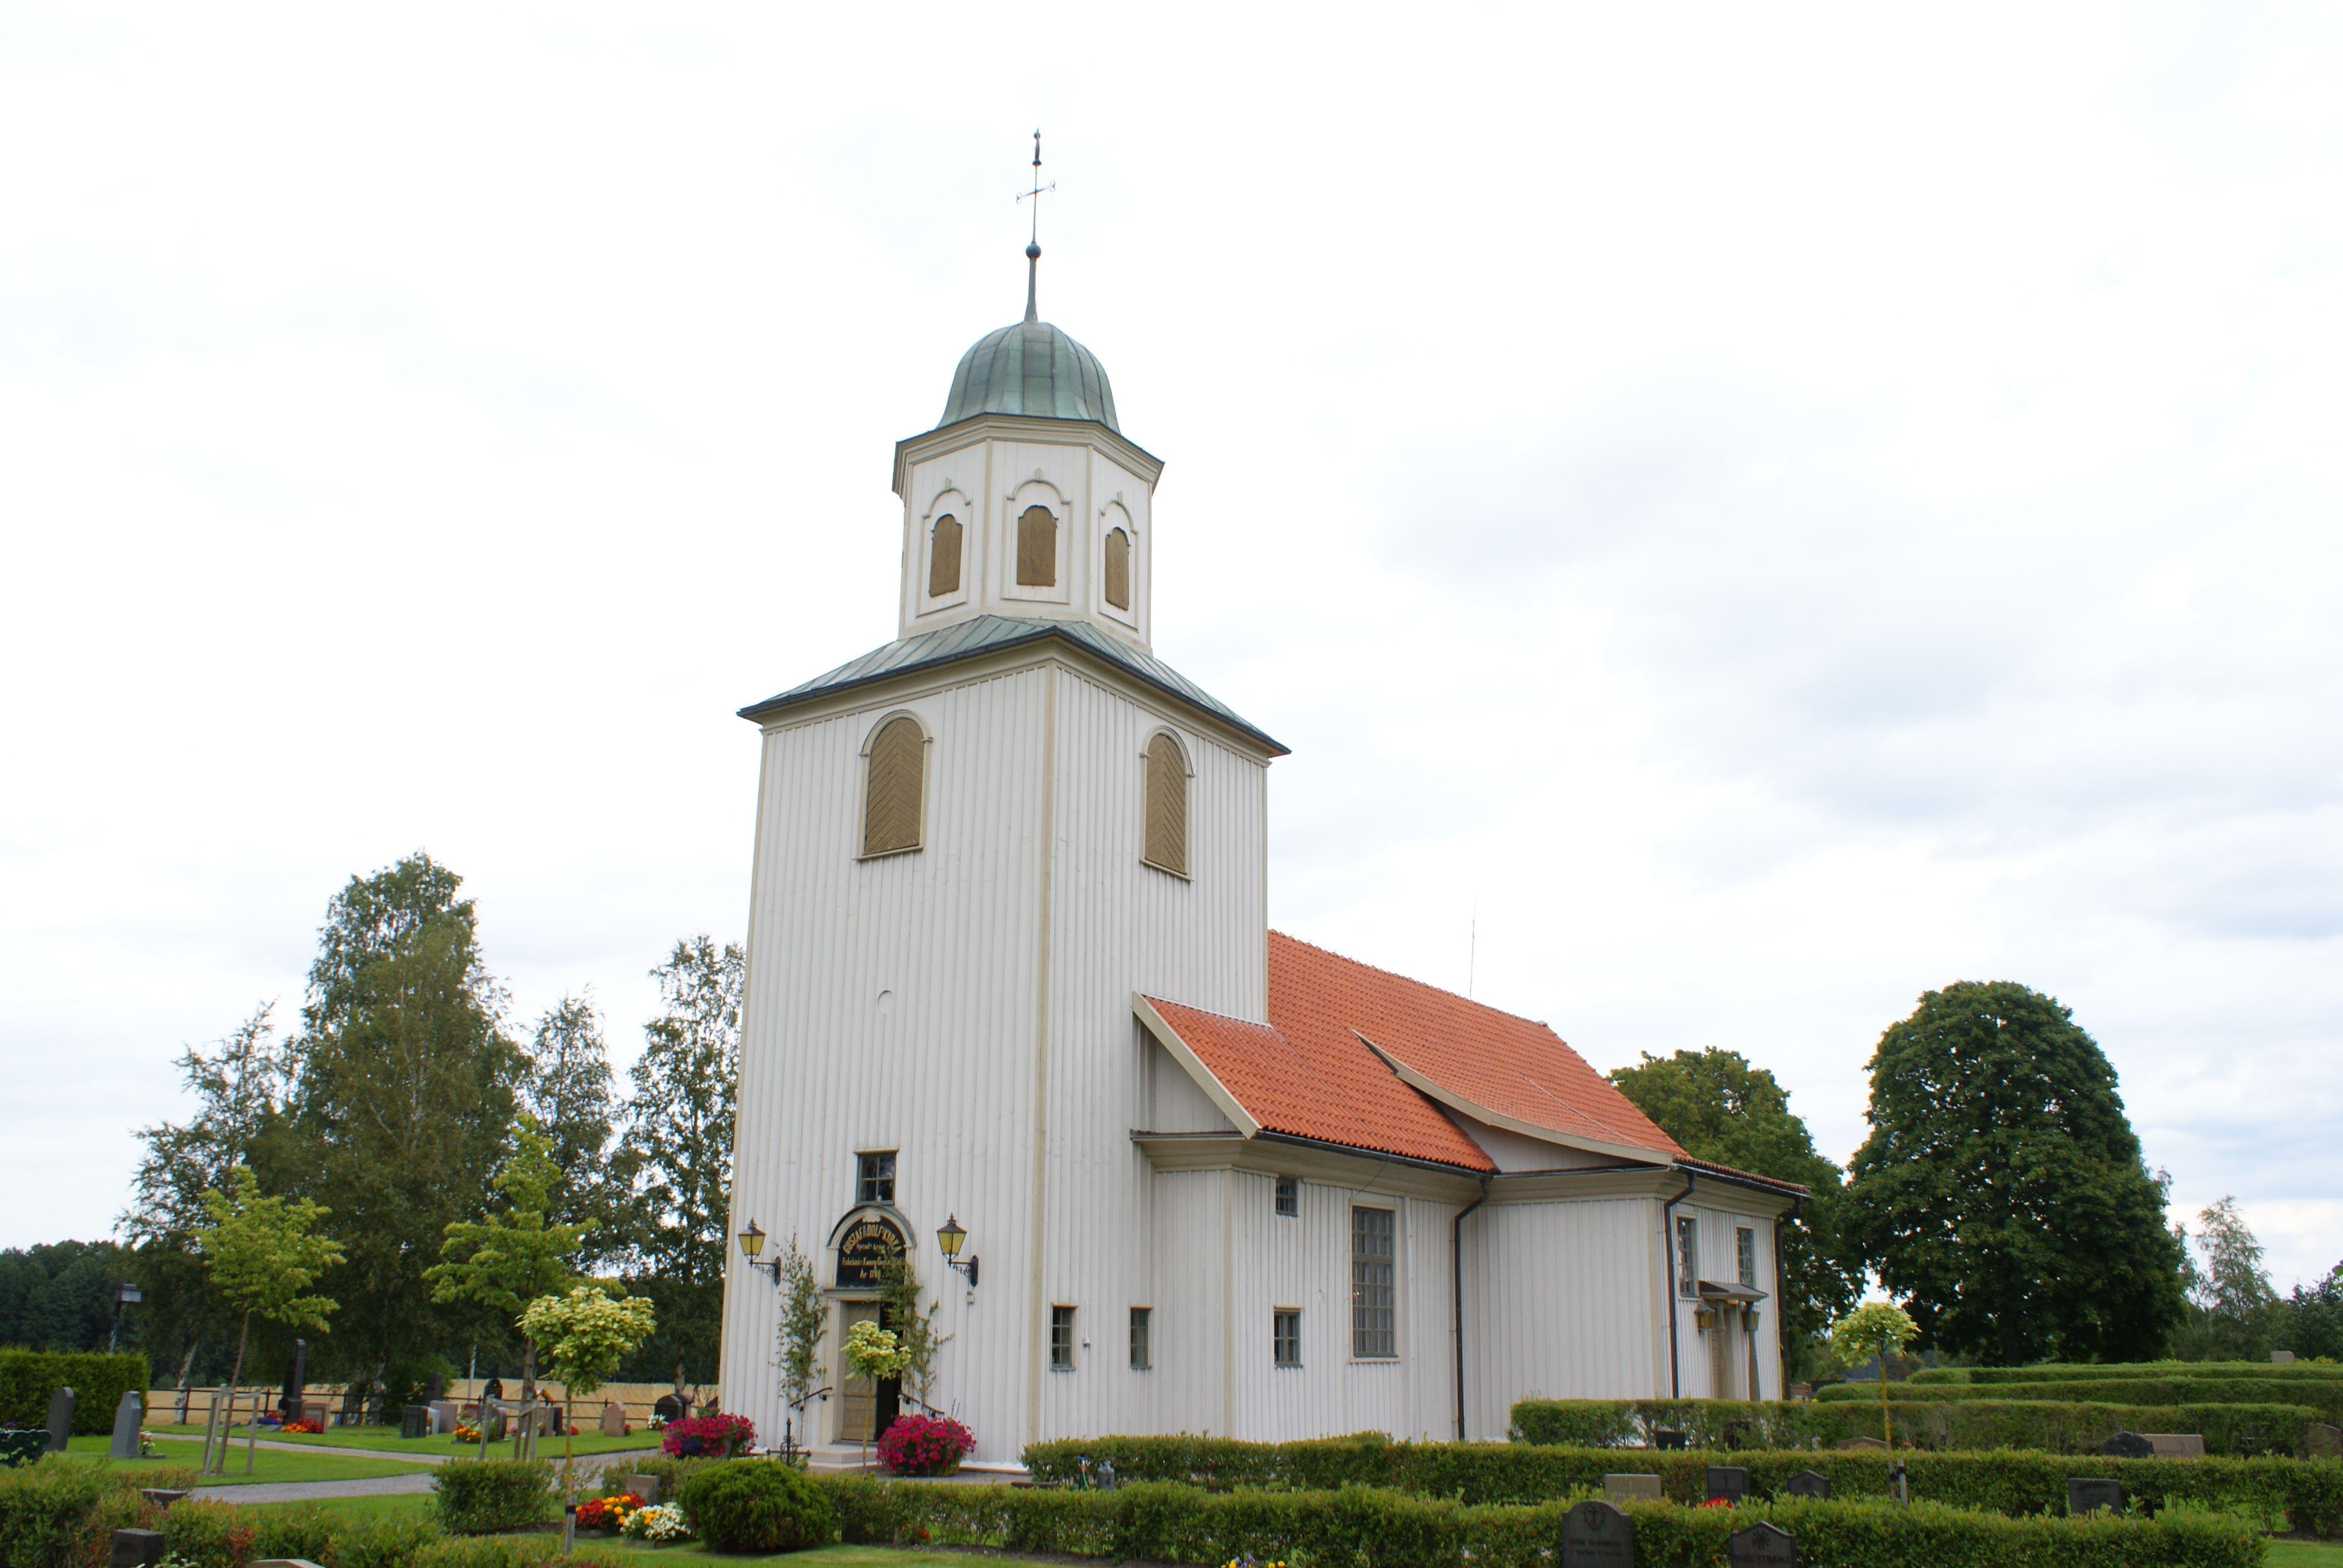 Musikgudstjänst i Gustav Adolfs kyrka